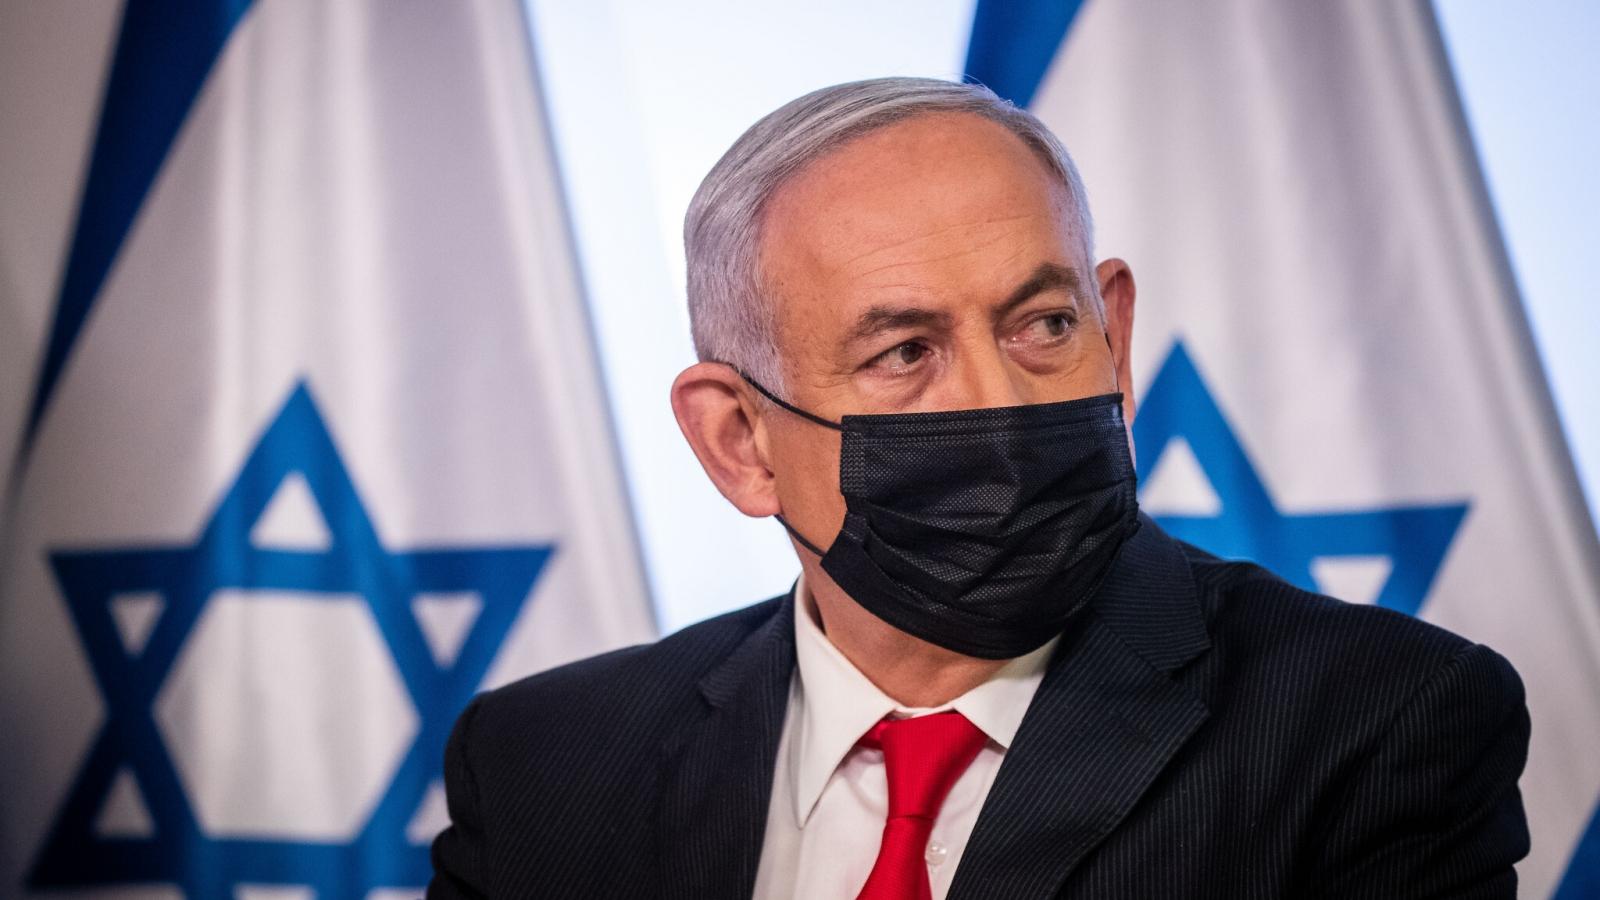 """Thủ tướng Israel """"bí mật"""" đến thăm nhiều quốc gia Arab"""